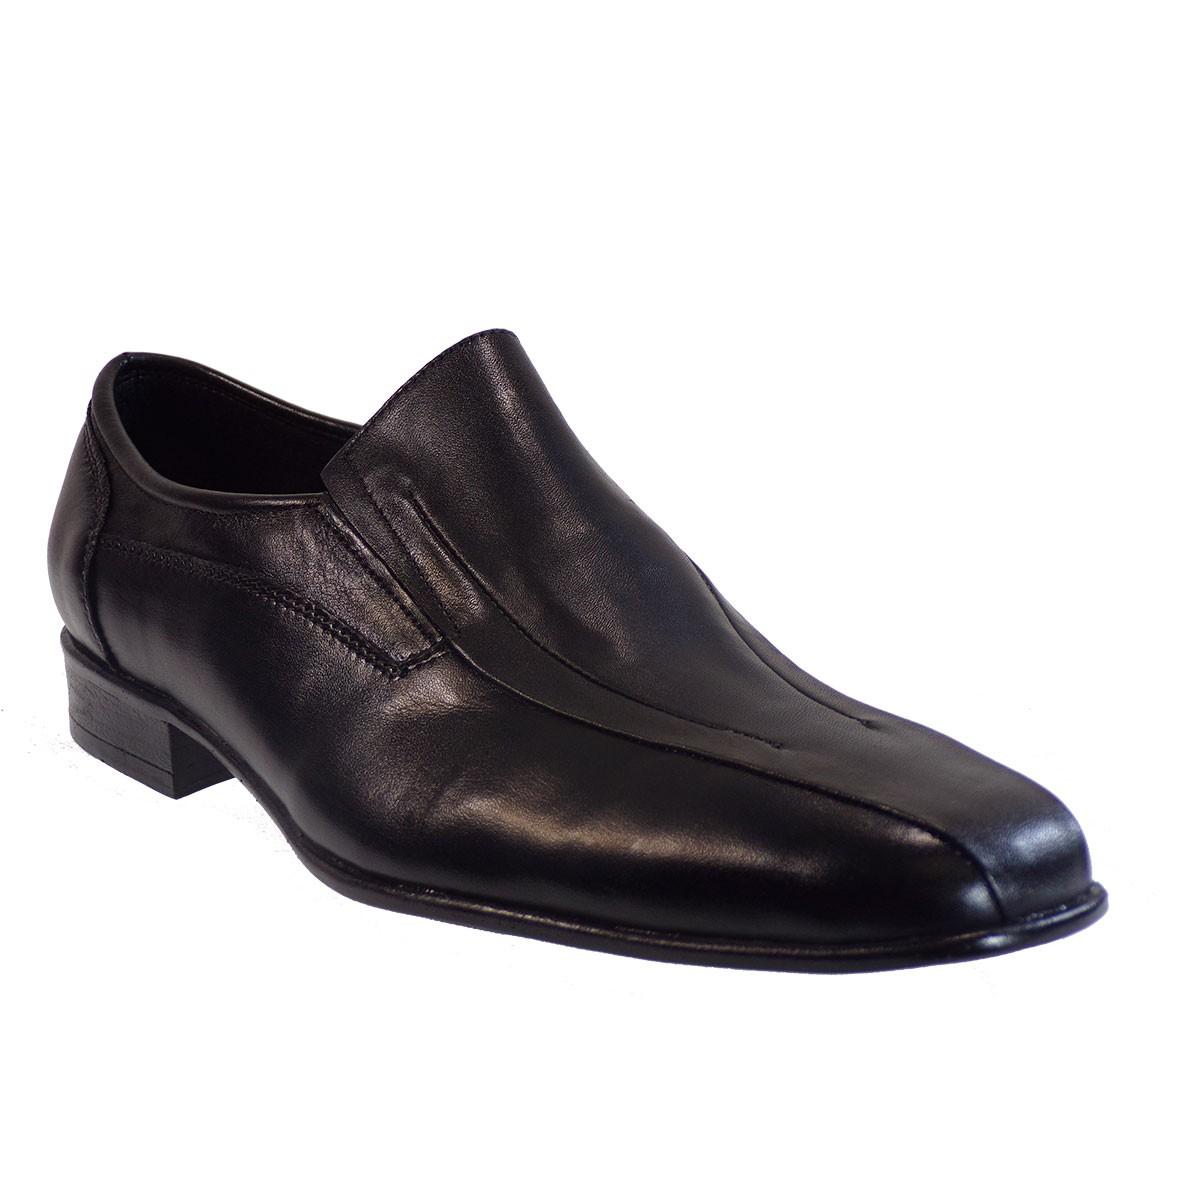 Vero Shoes Παπούτσια Αντρικά 163 Μαύρο Δέρμα